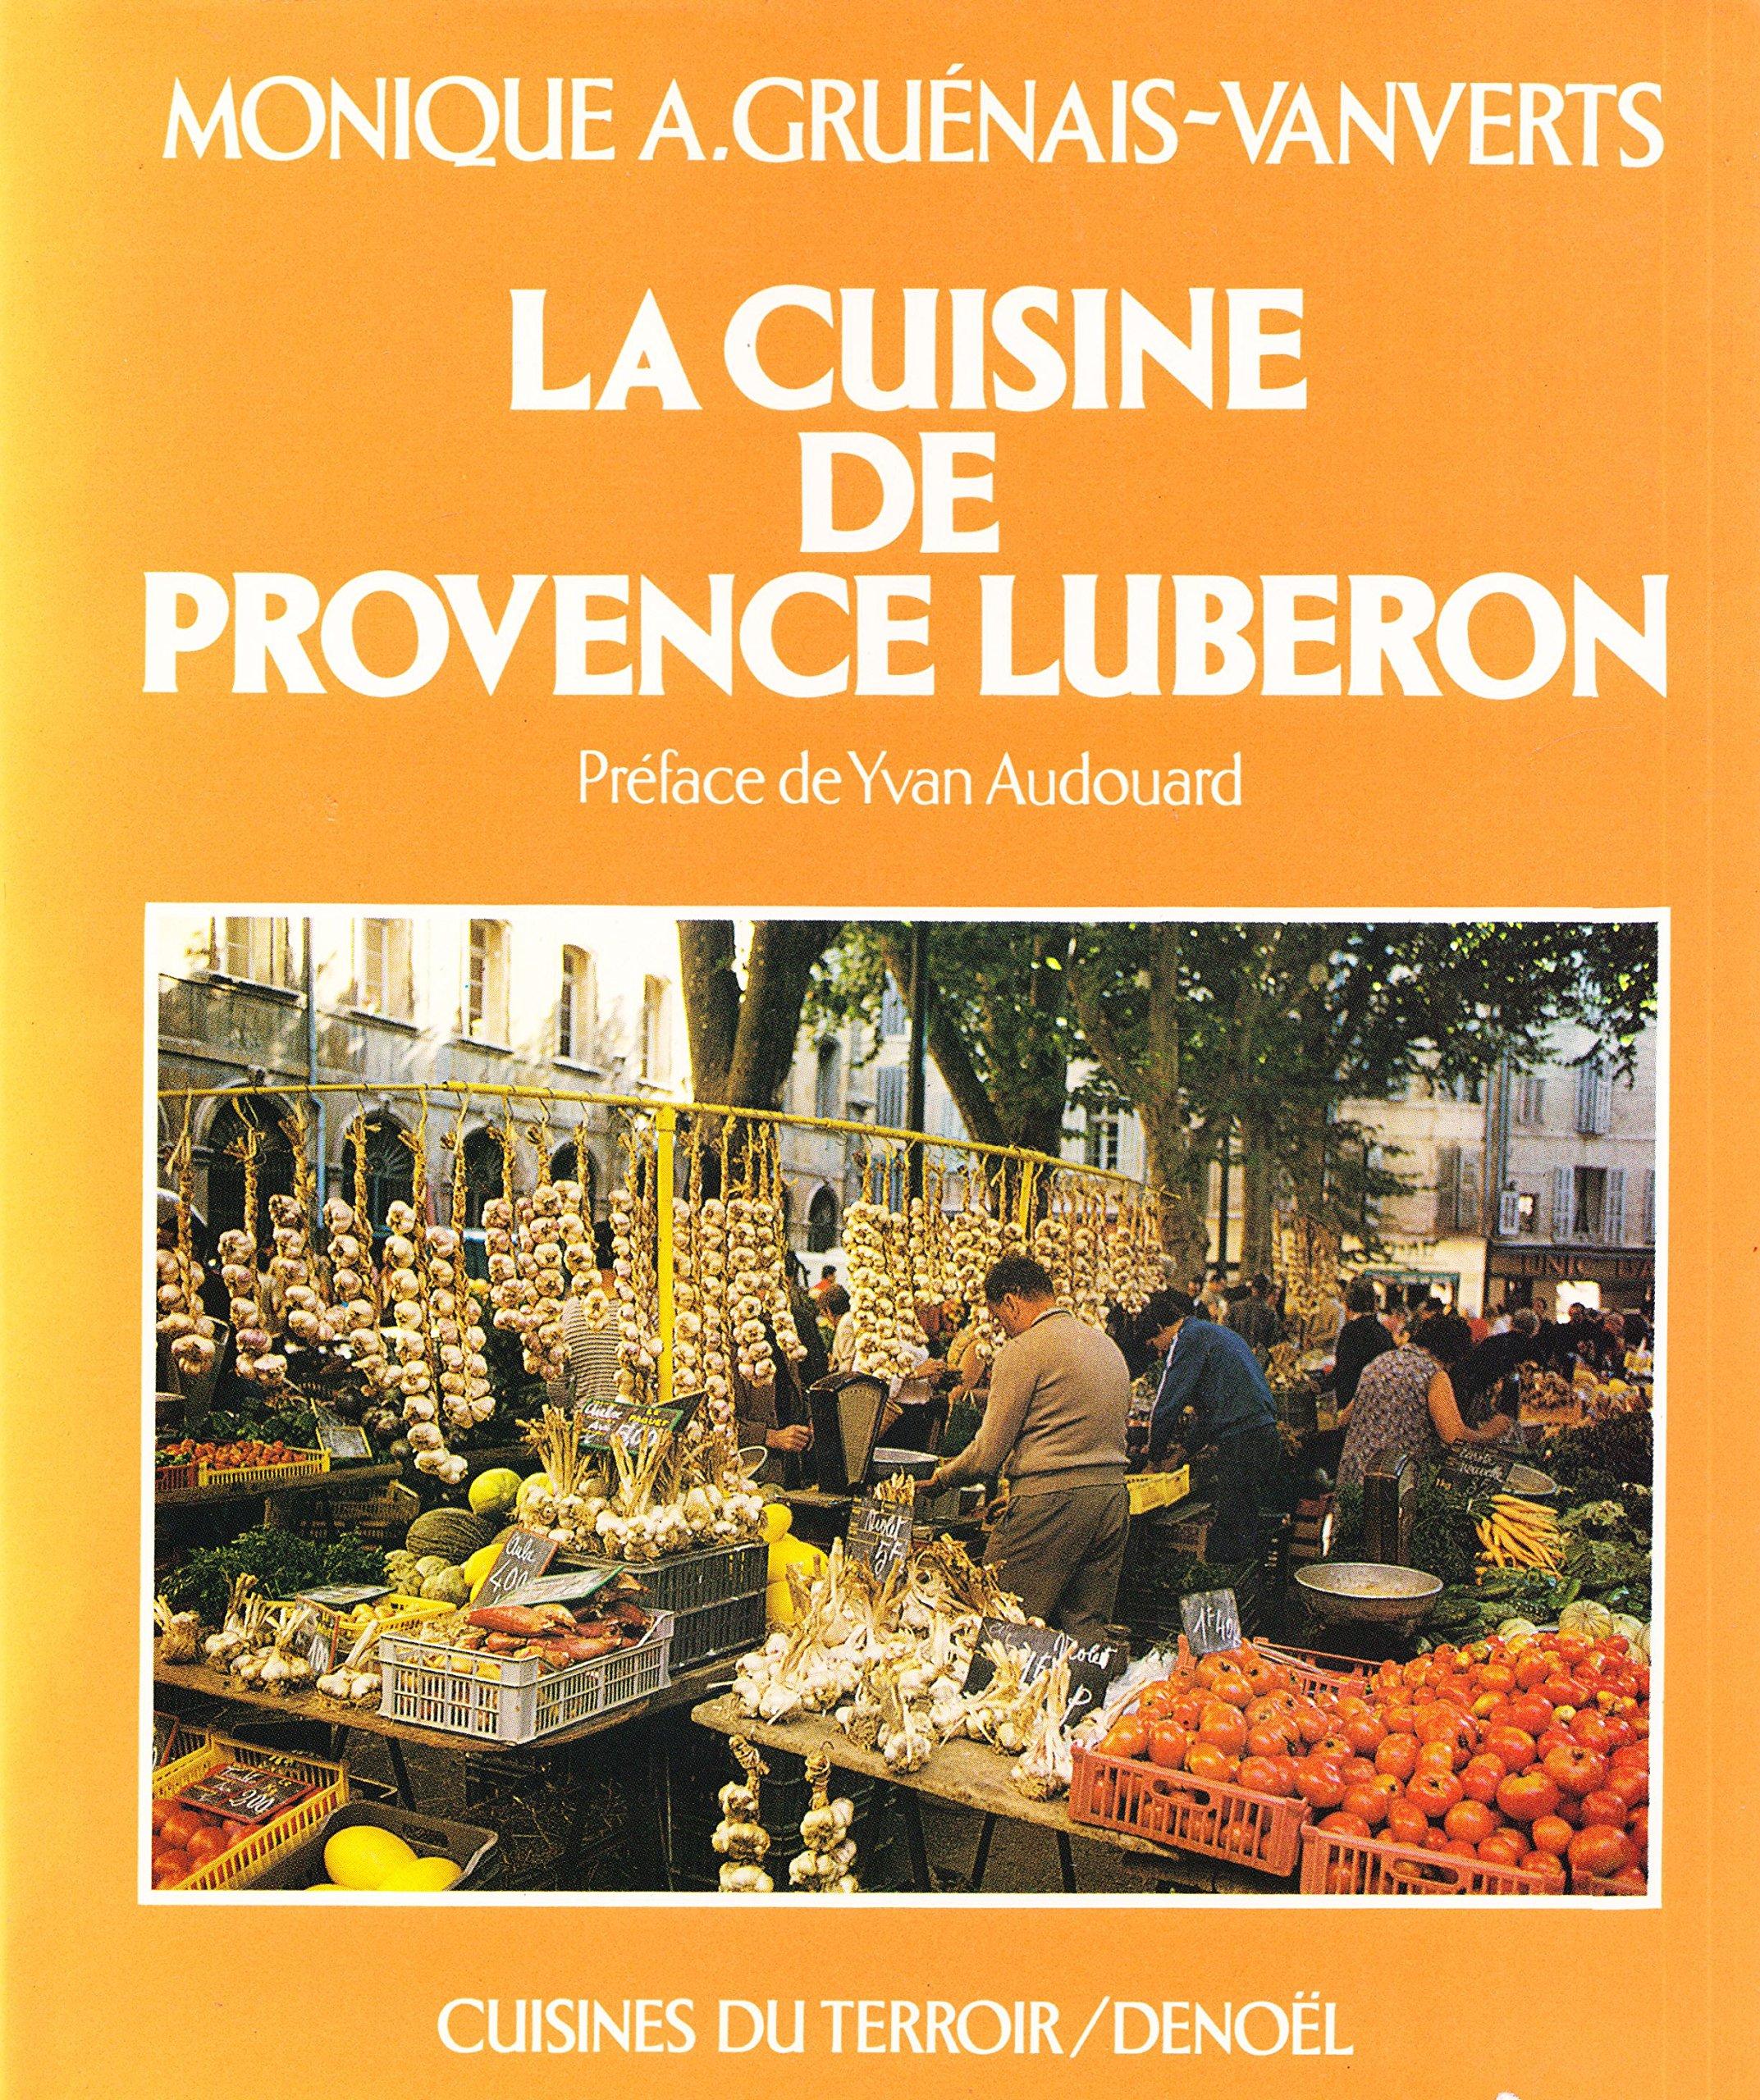 1982 A.GRUENAIS-VAN VERTS monique DENOEL B00DQREKJQ Cuisine de Provence Luberon Cartonné